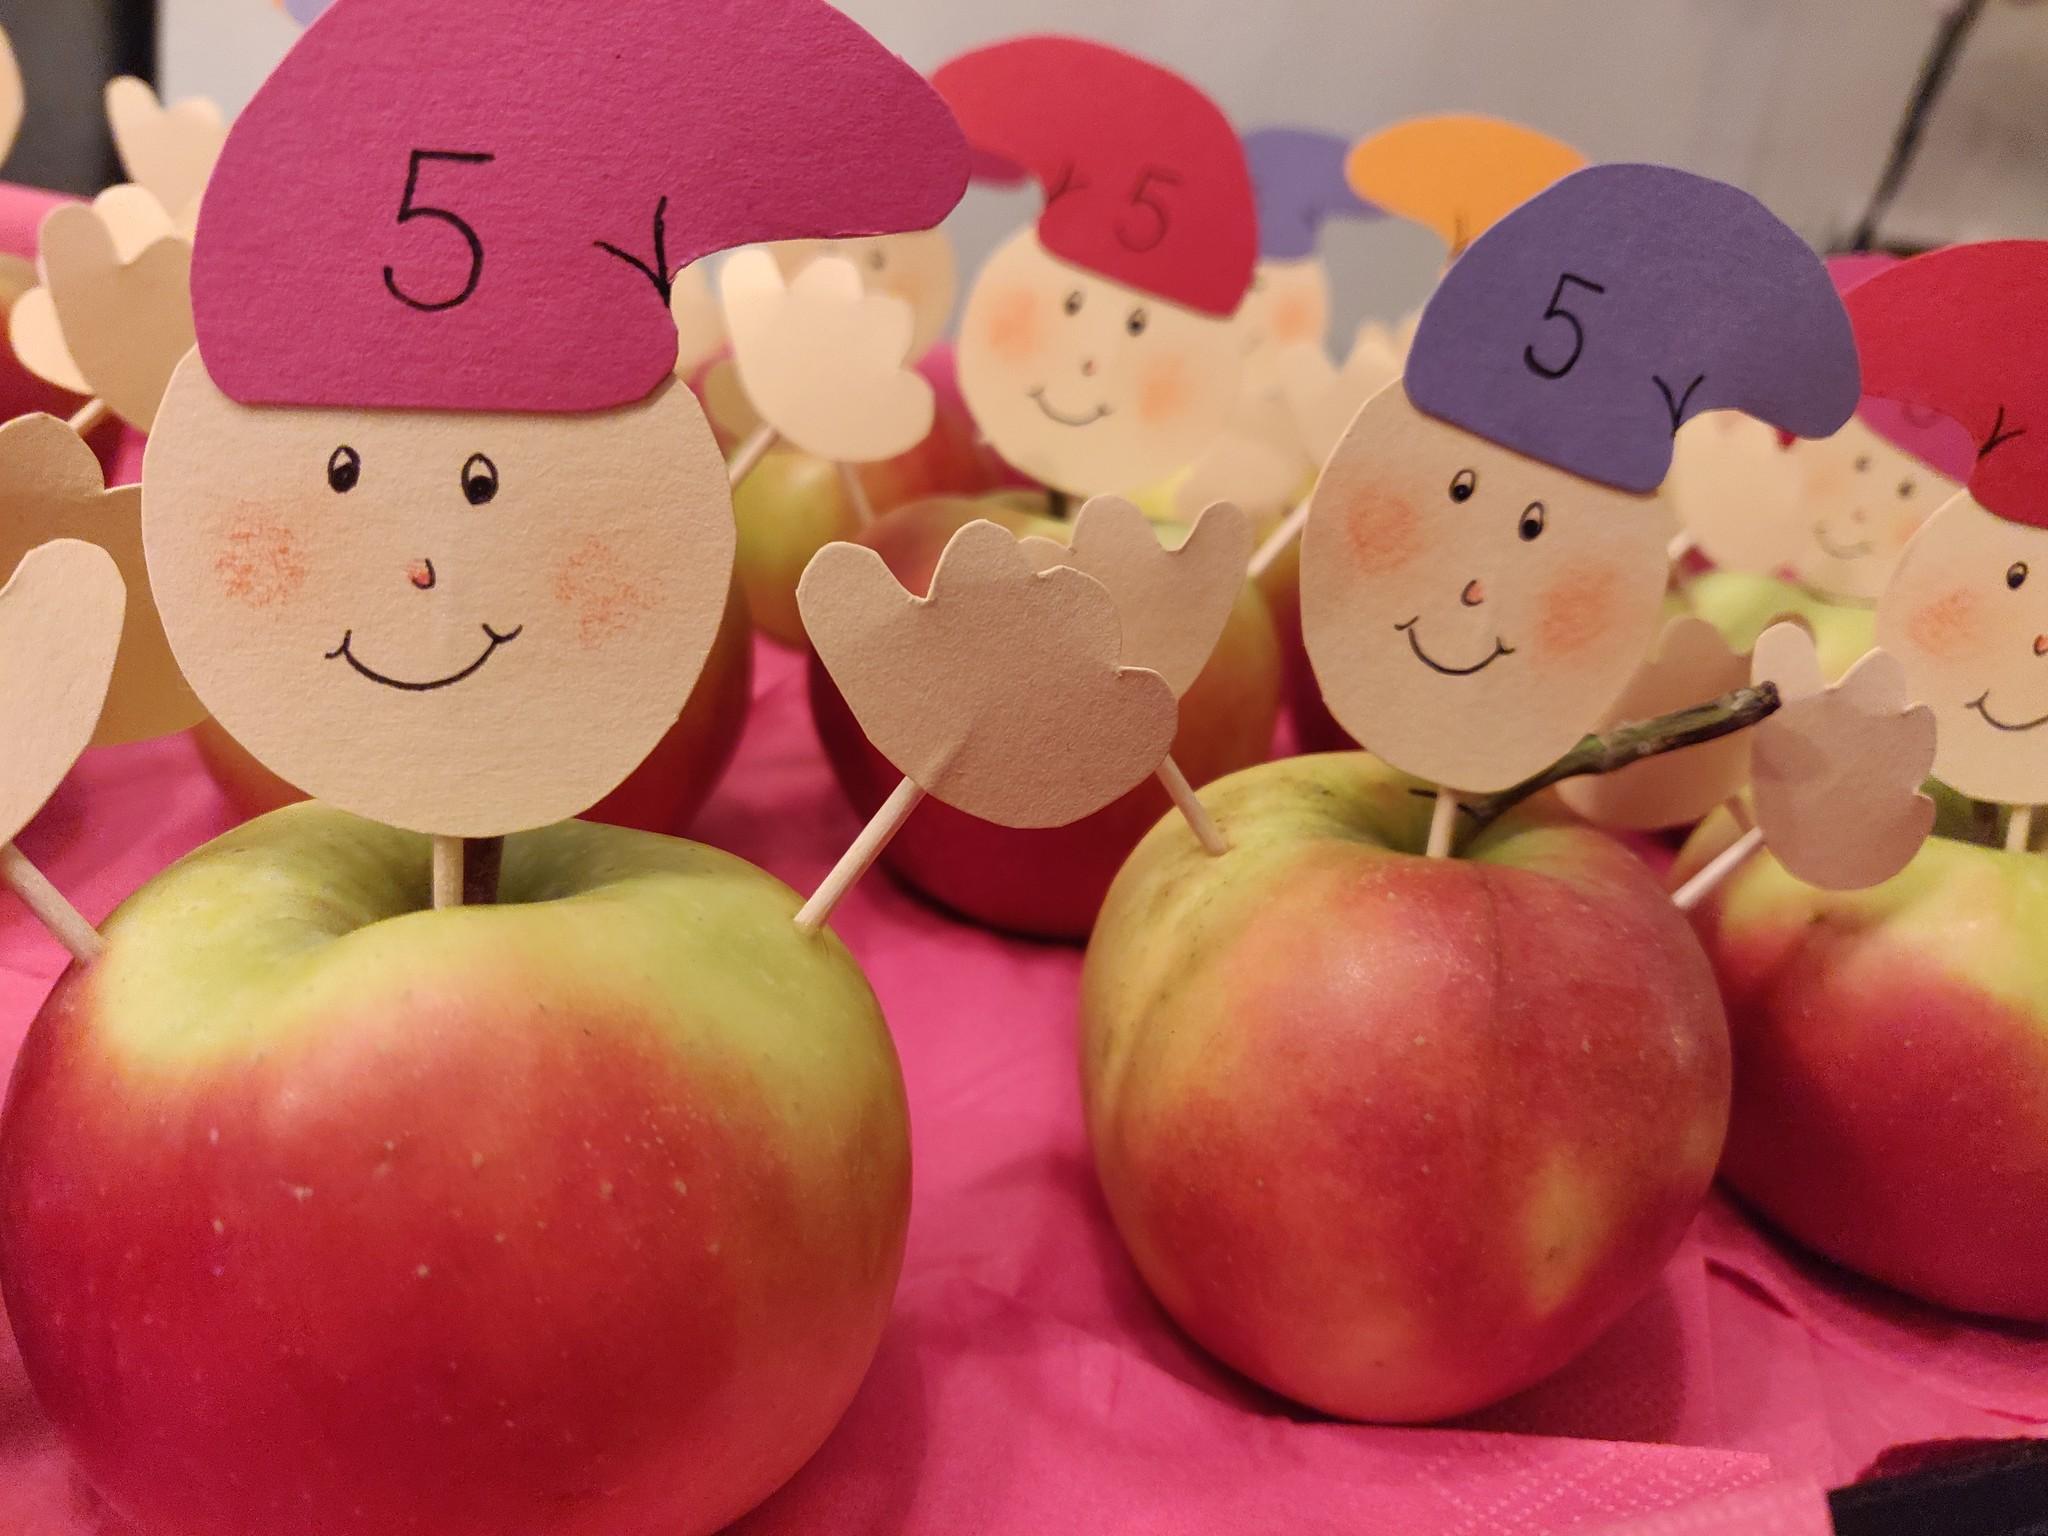 Appelmen